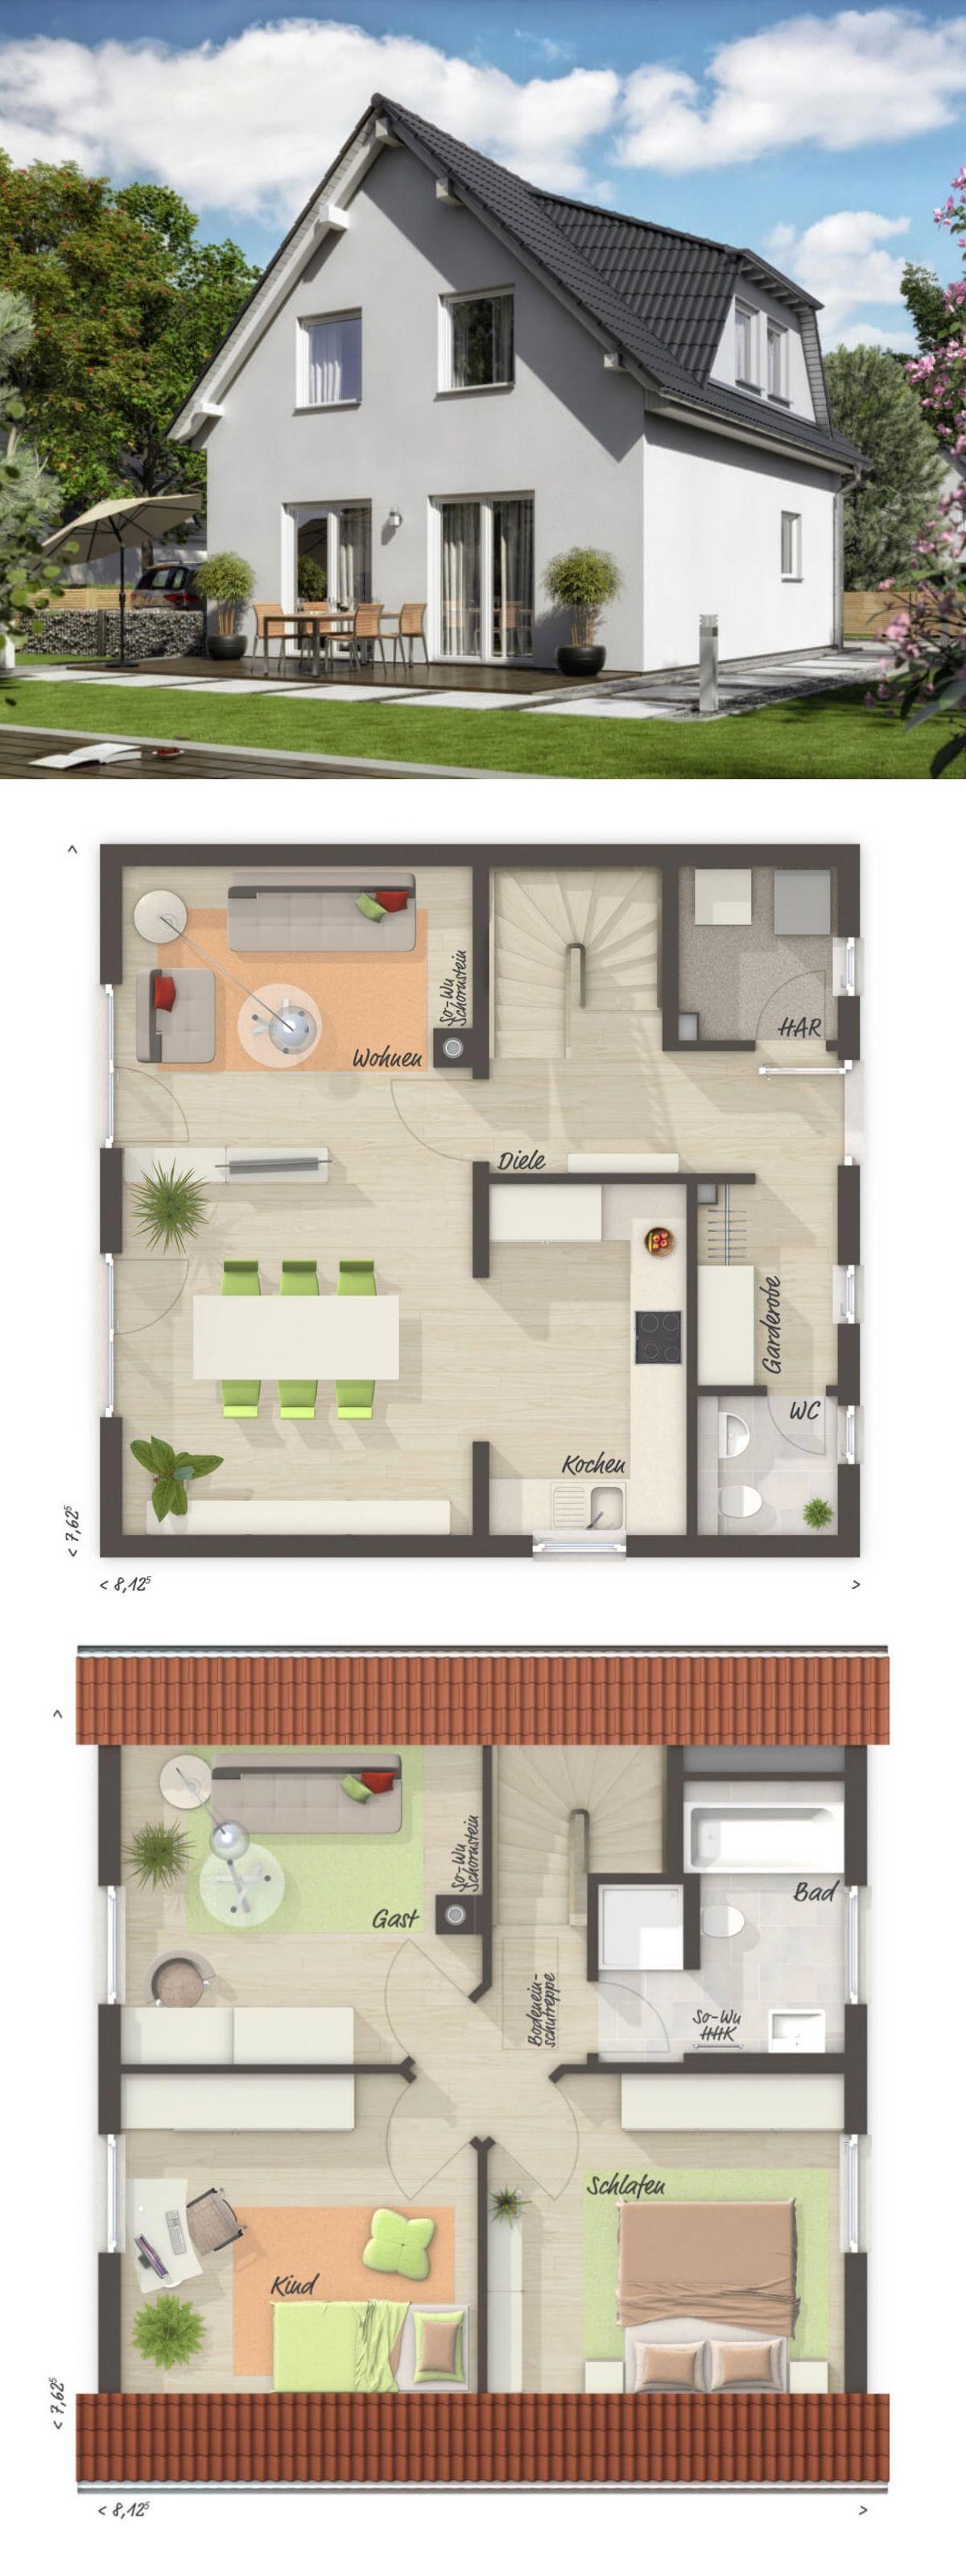 Klassisches einfamilienhaus grundriss mit satteldach for Einfamilienhaus bauen ideen